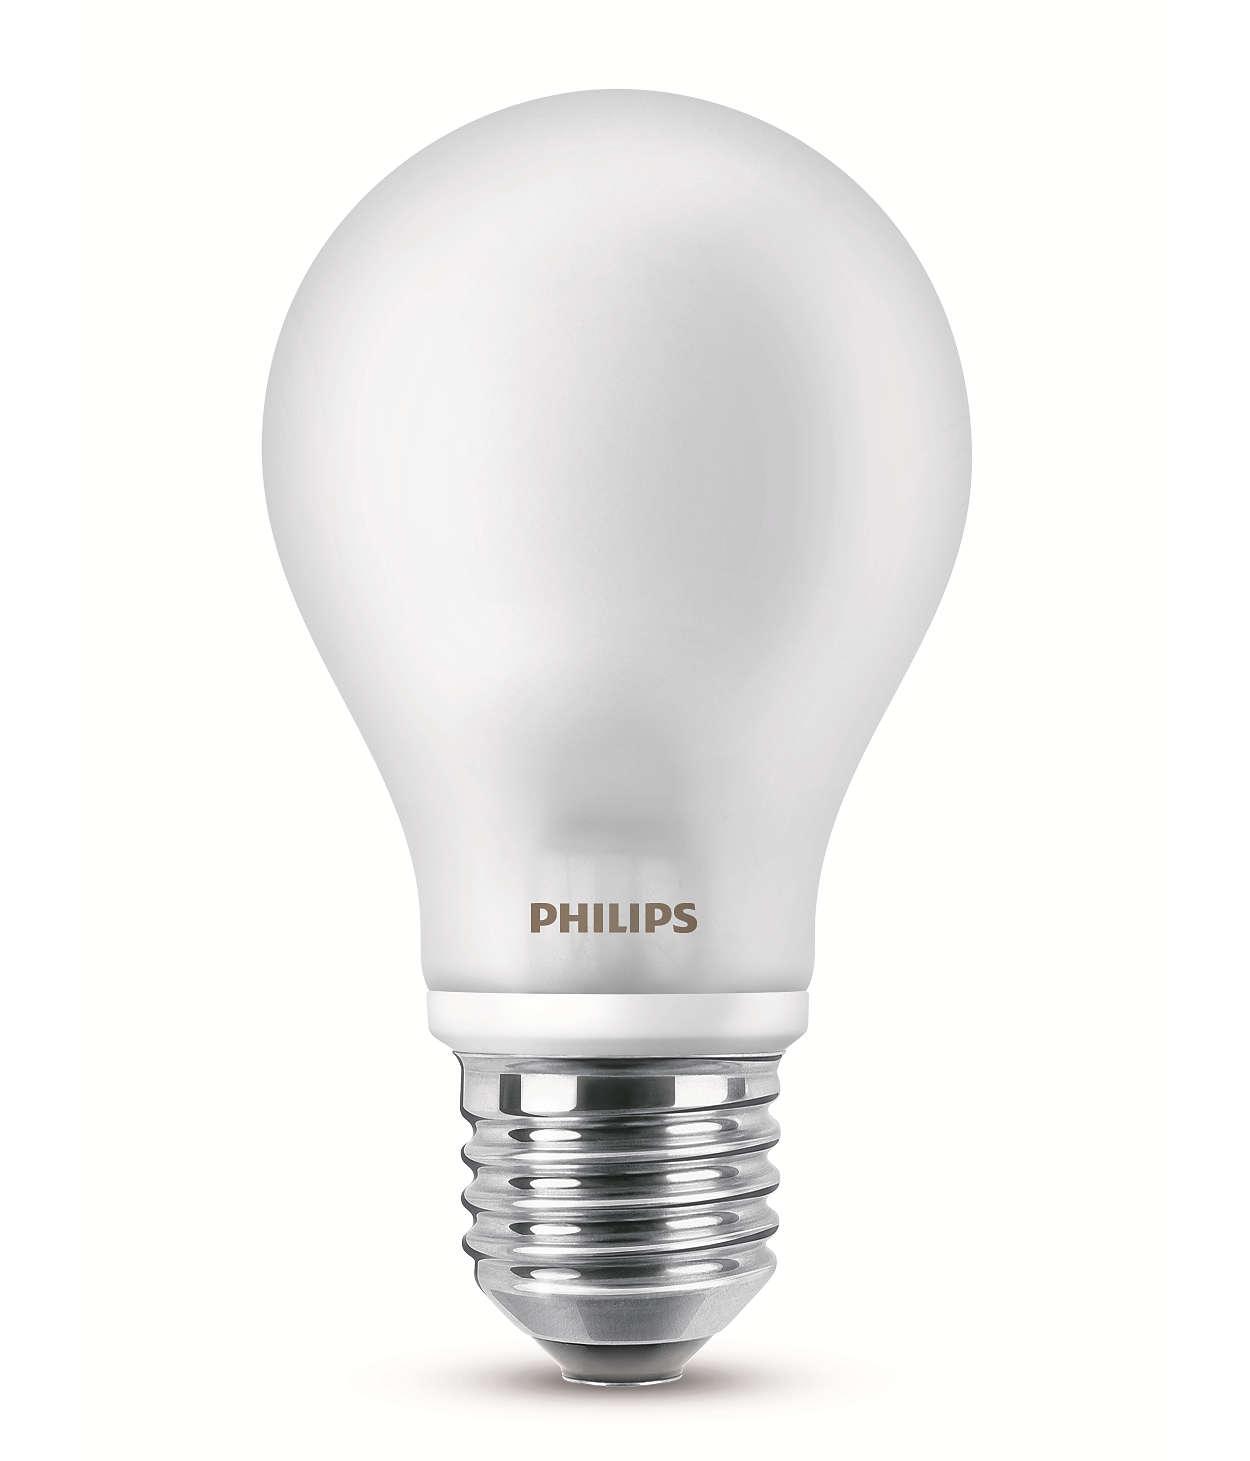 Je to klasická žárovka a je to LED